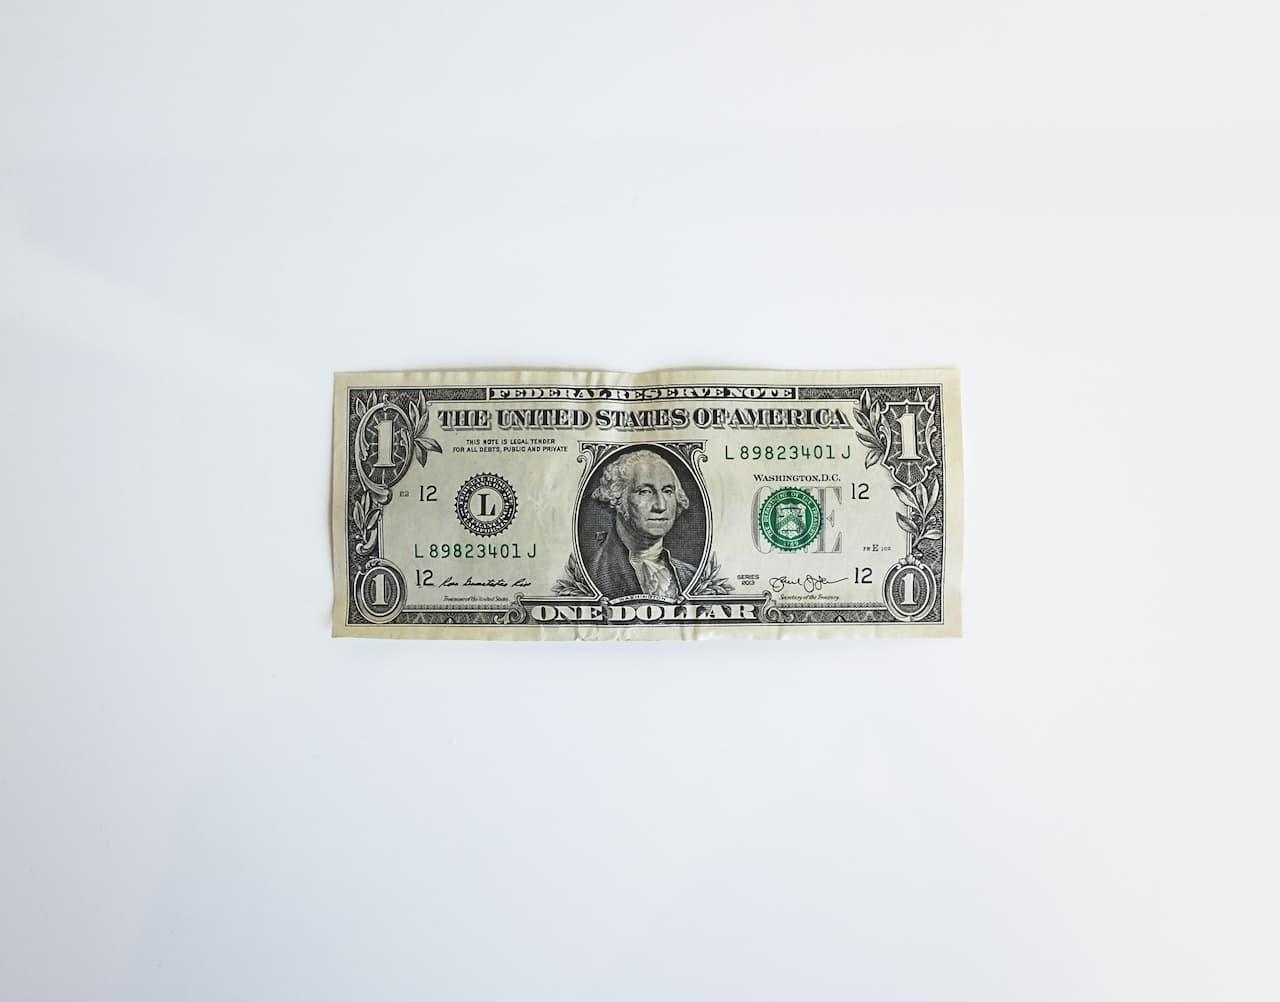 中央銀行デジタル通貨 (CBDC) の技術的背景